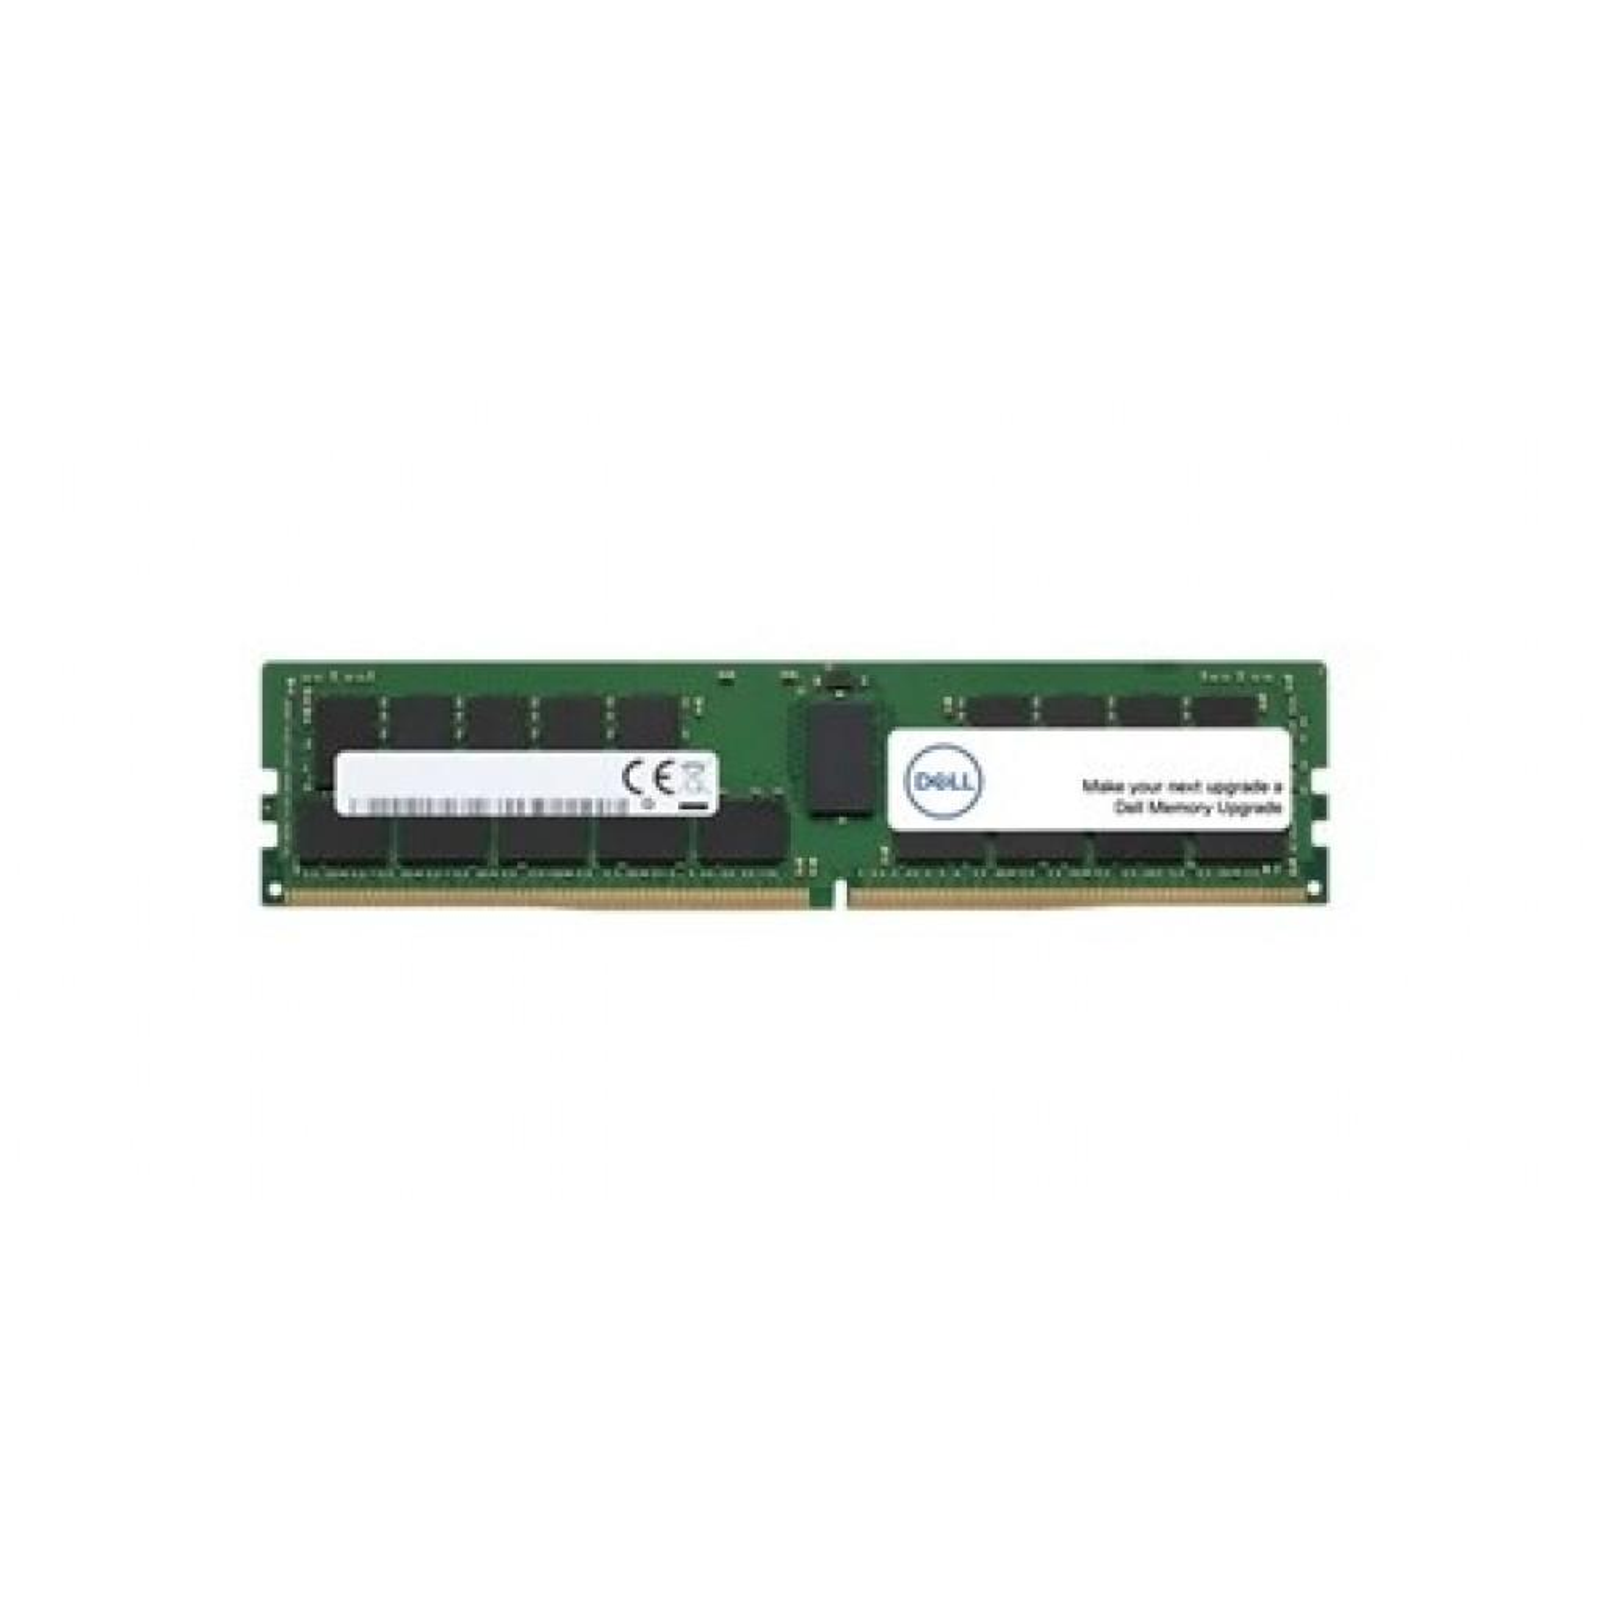 Модуль памяти для сервера DDR4 32GB ECC RDIMM 2666MHz 2Rx4 1.2V CL19 Dell (A9781929)